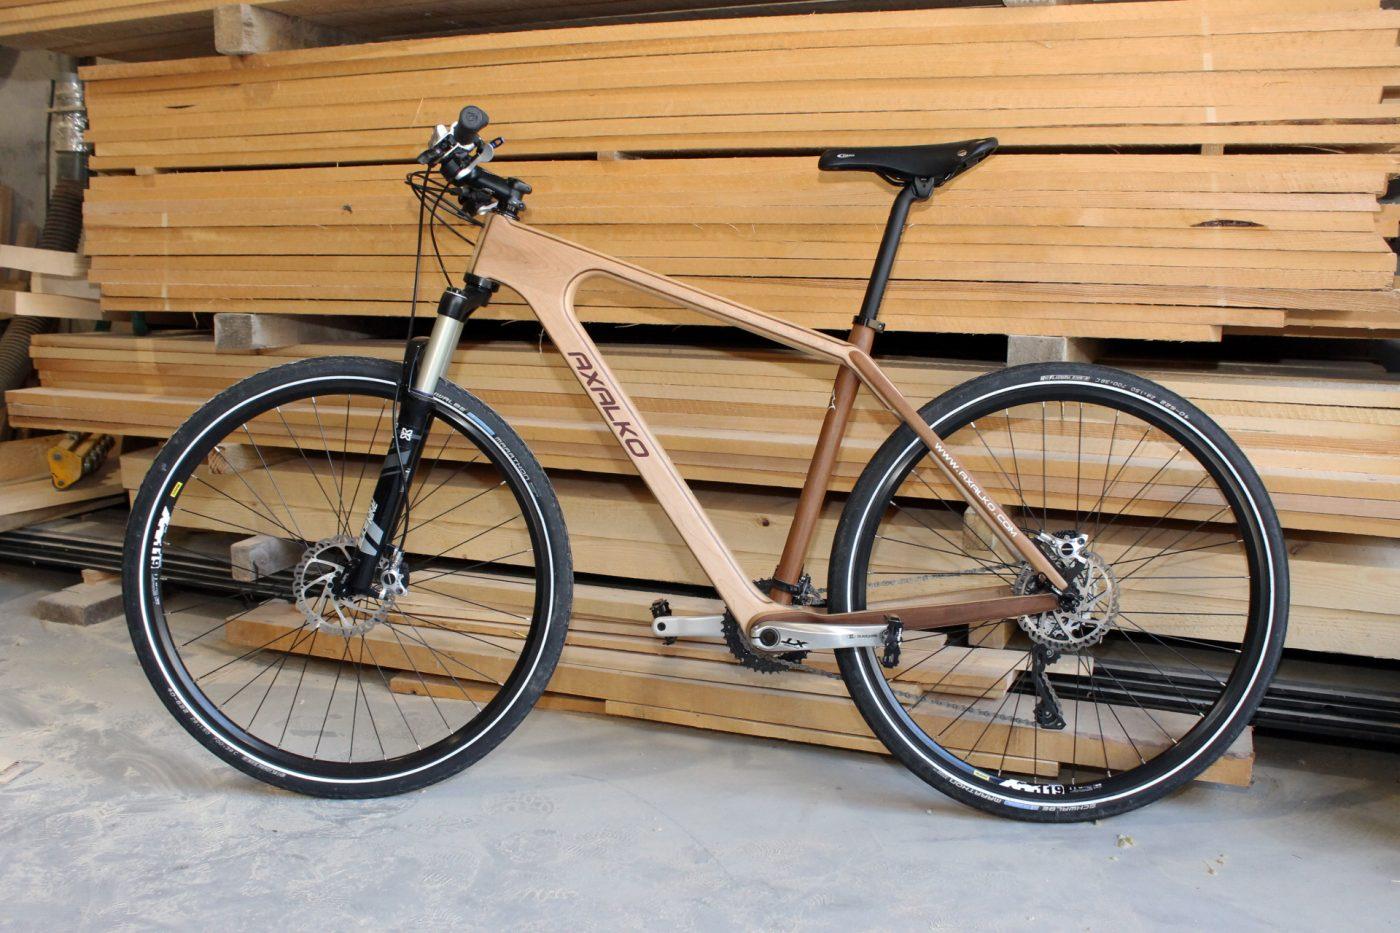 TXIRBIL sorprende al mercado con sus bicicletas de madera